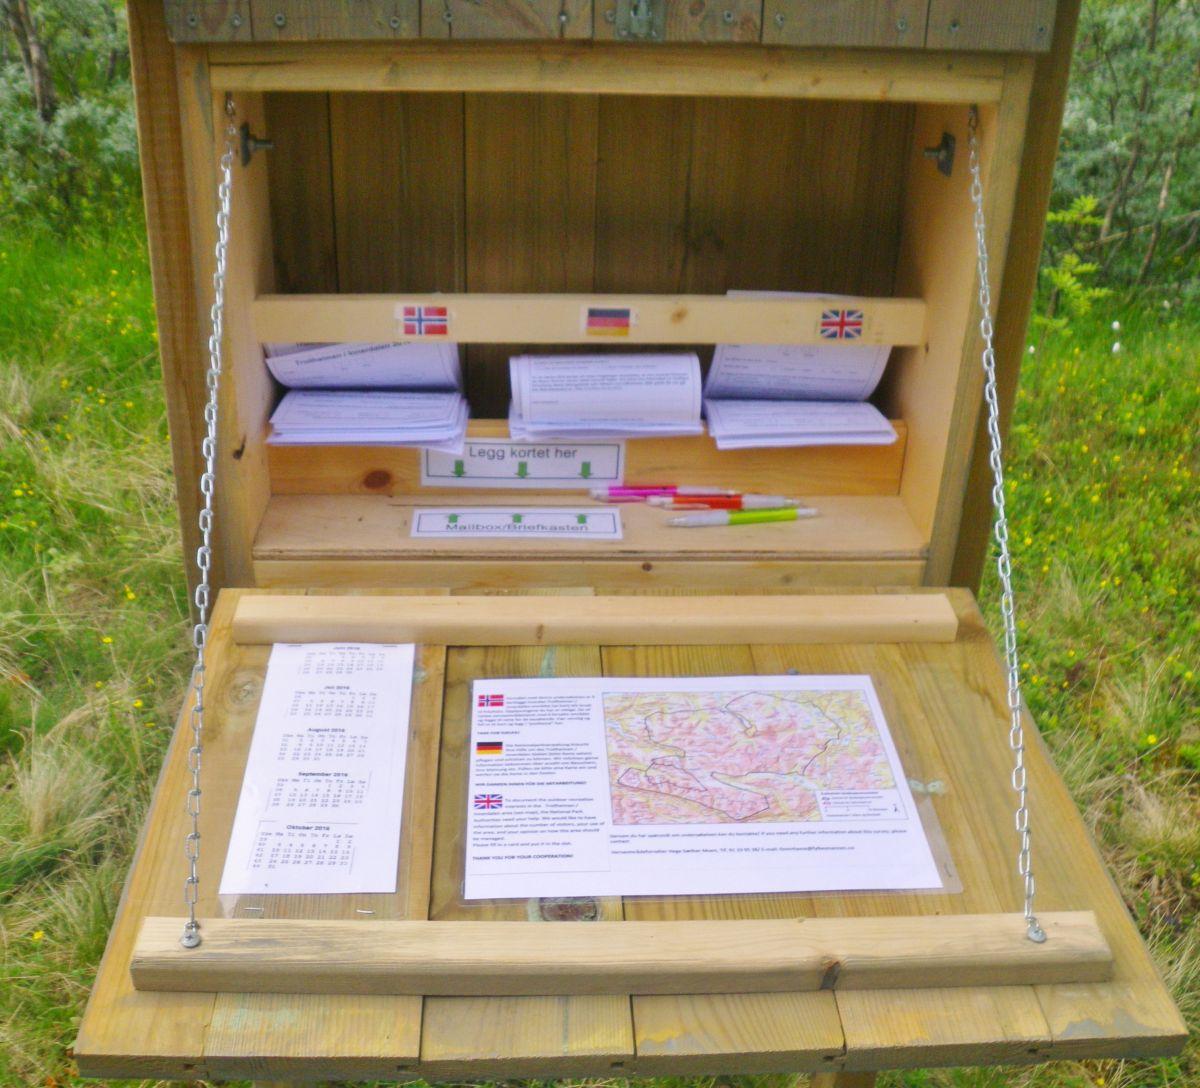 kassen inneheld skjema for utfylling og info om undersøkelsen.  Foto: Jon Bruset.